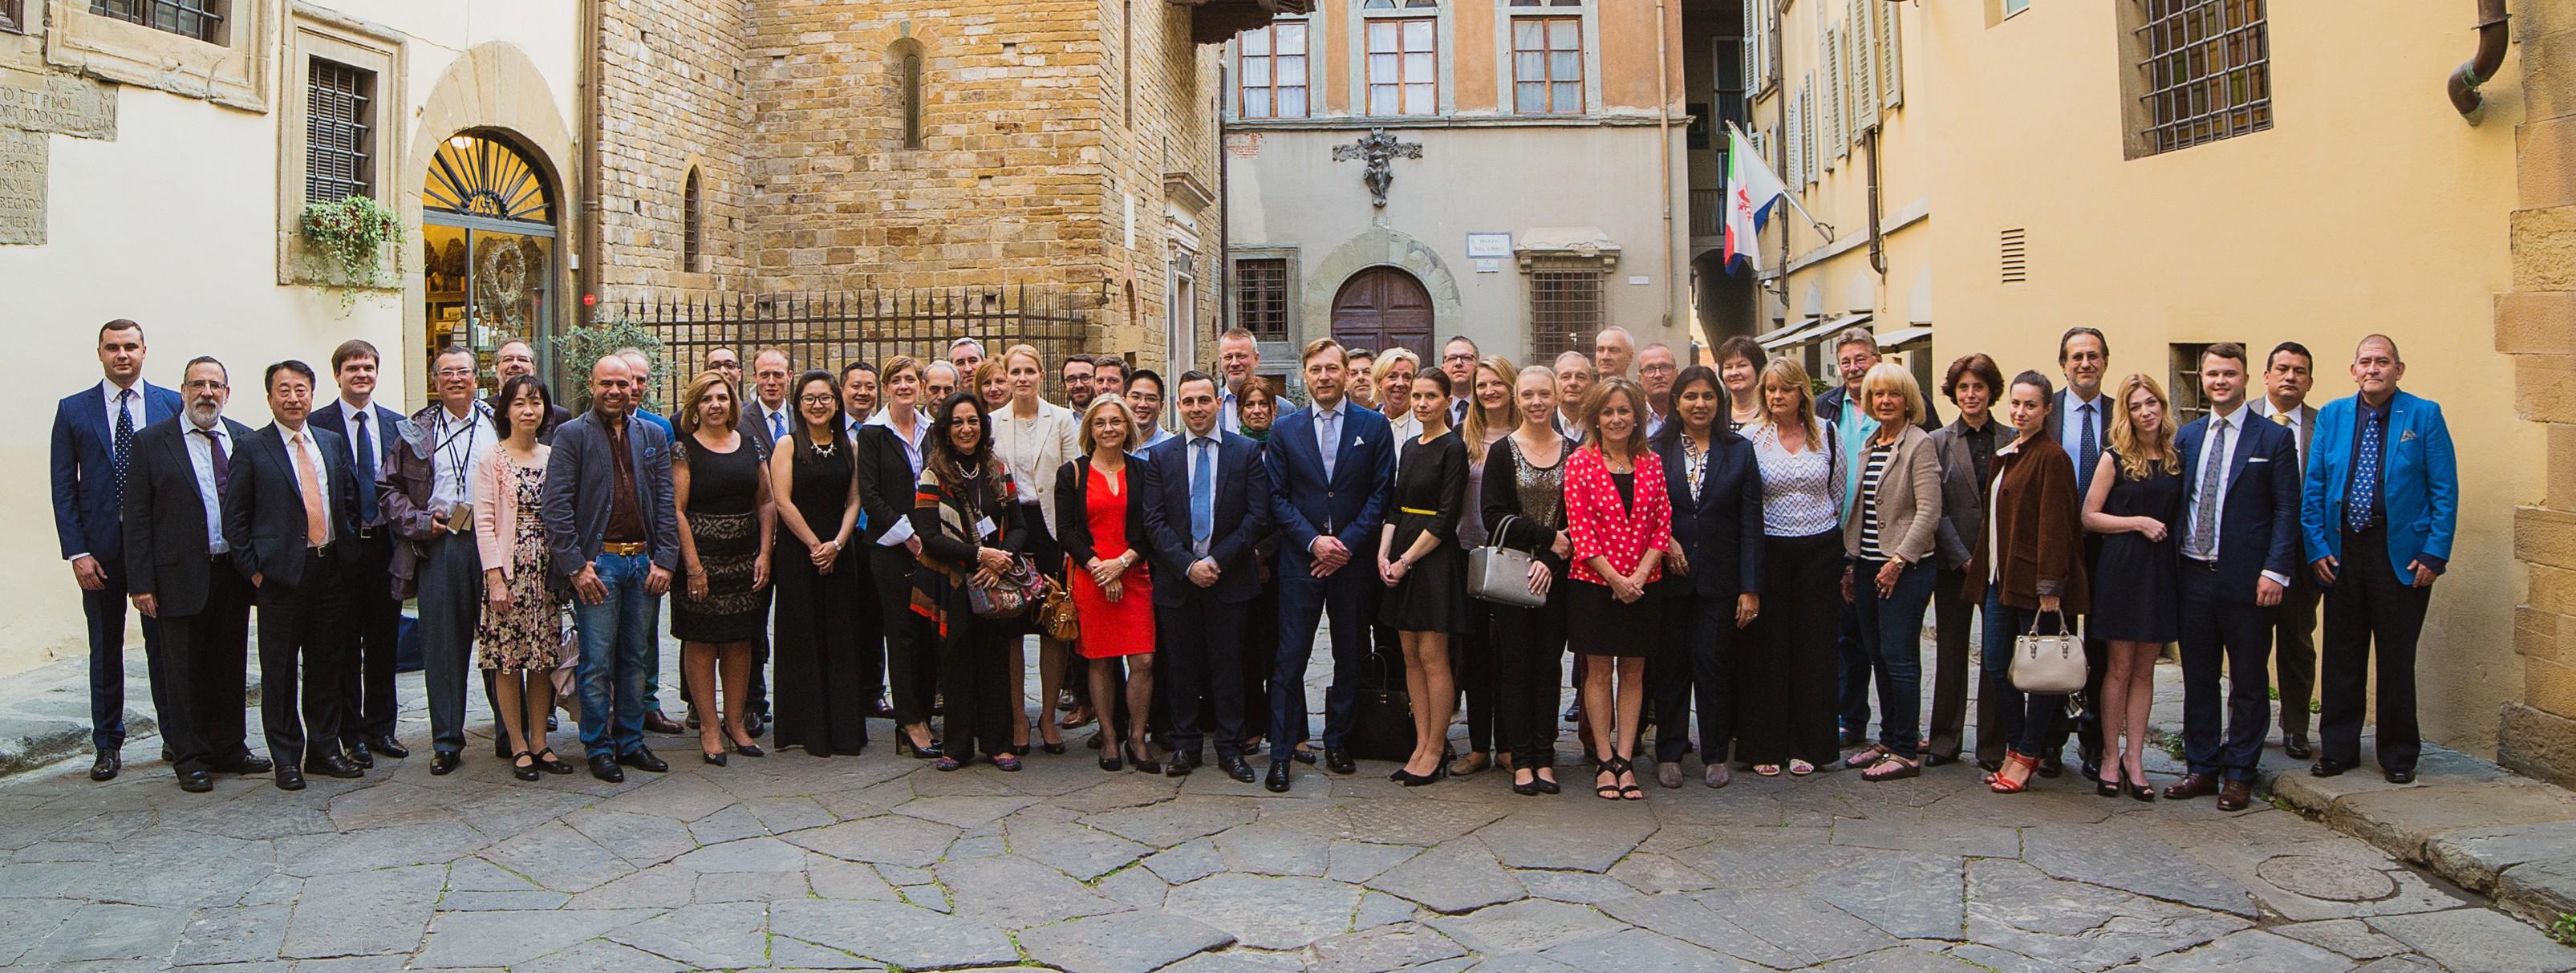 <em>TCM World Congress 2015 Florence</em>